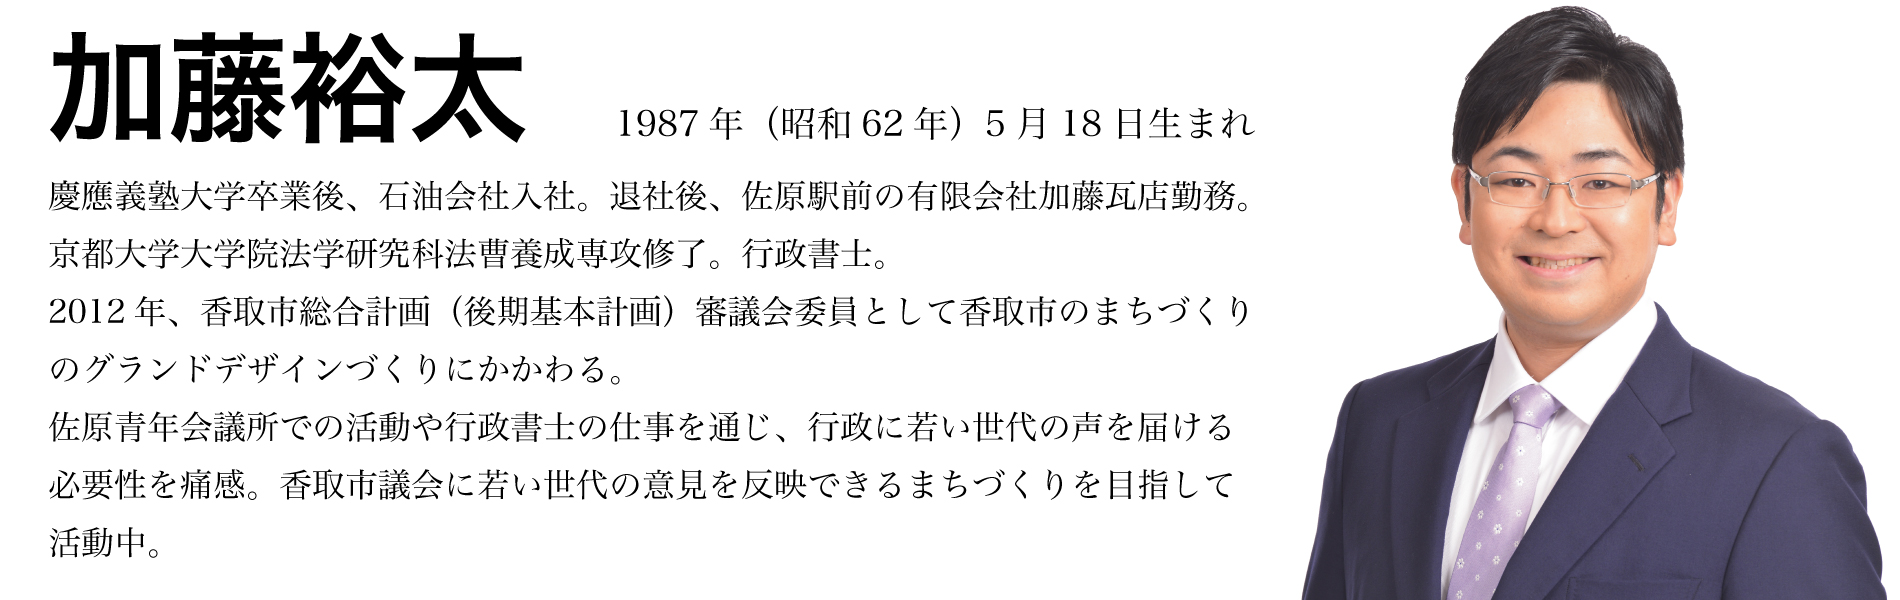 香取市議会議員かとう裕太のプロフィール